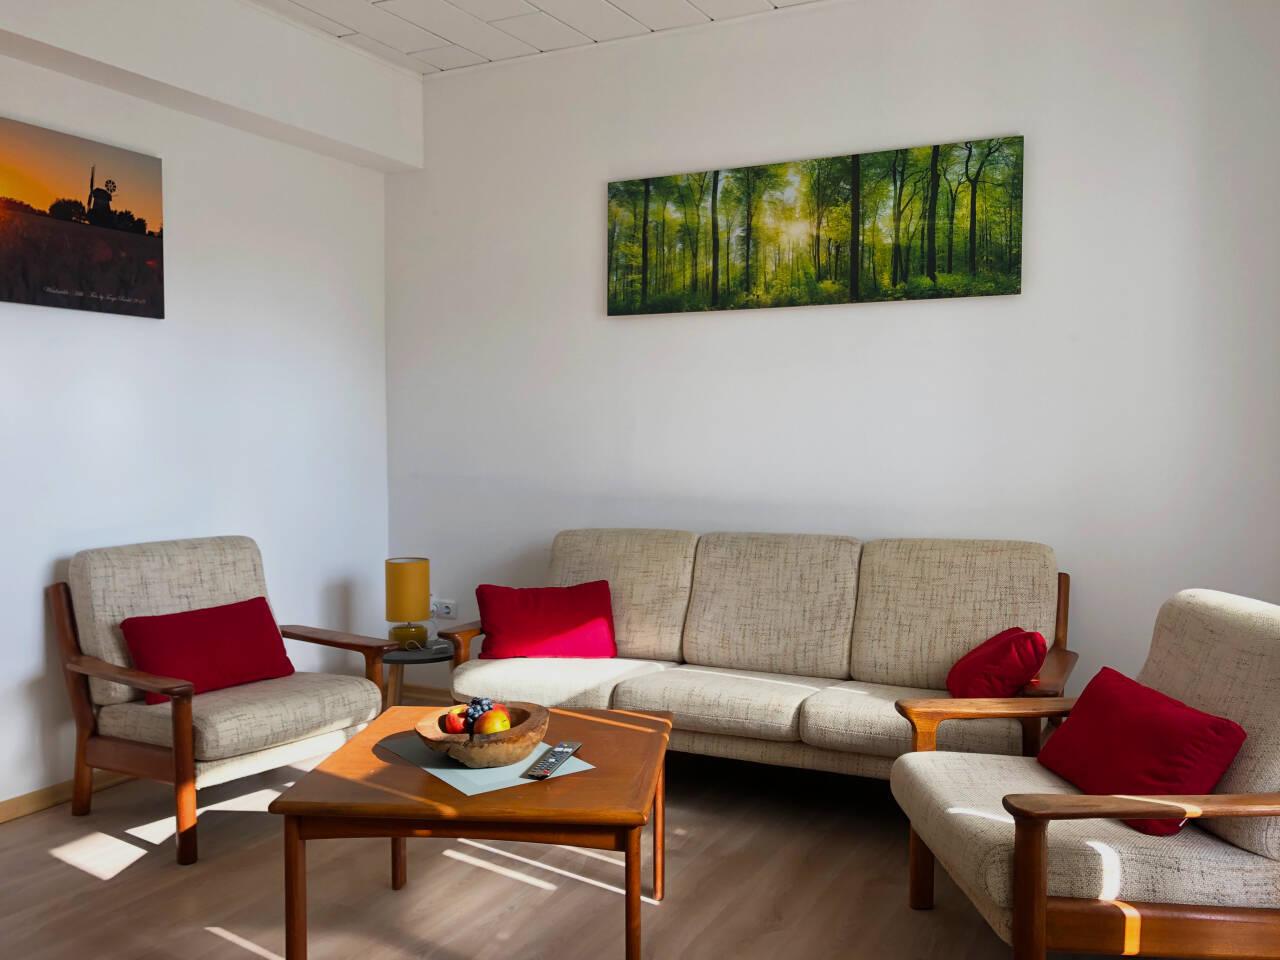 Wohnzimmer hell freundlich groß in der Ferienwohnung